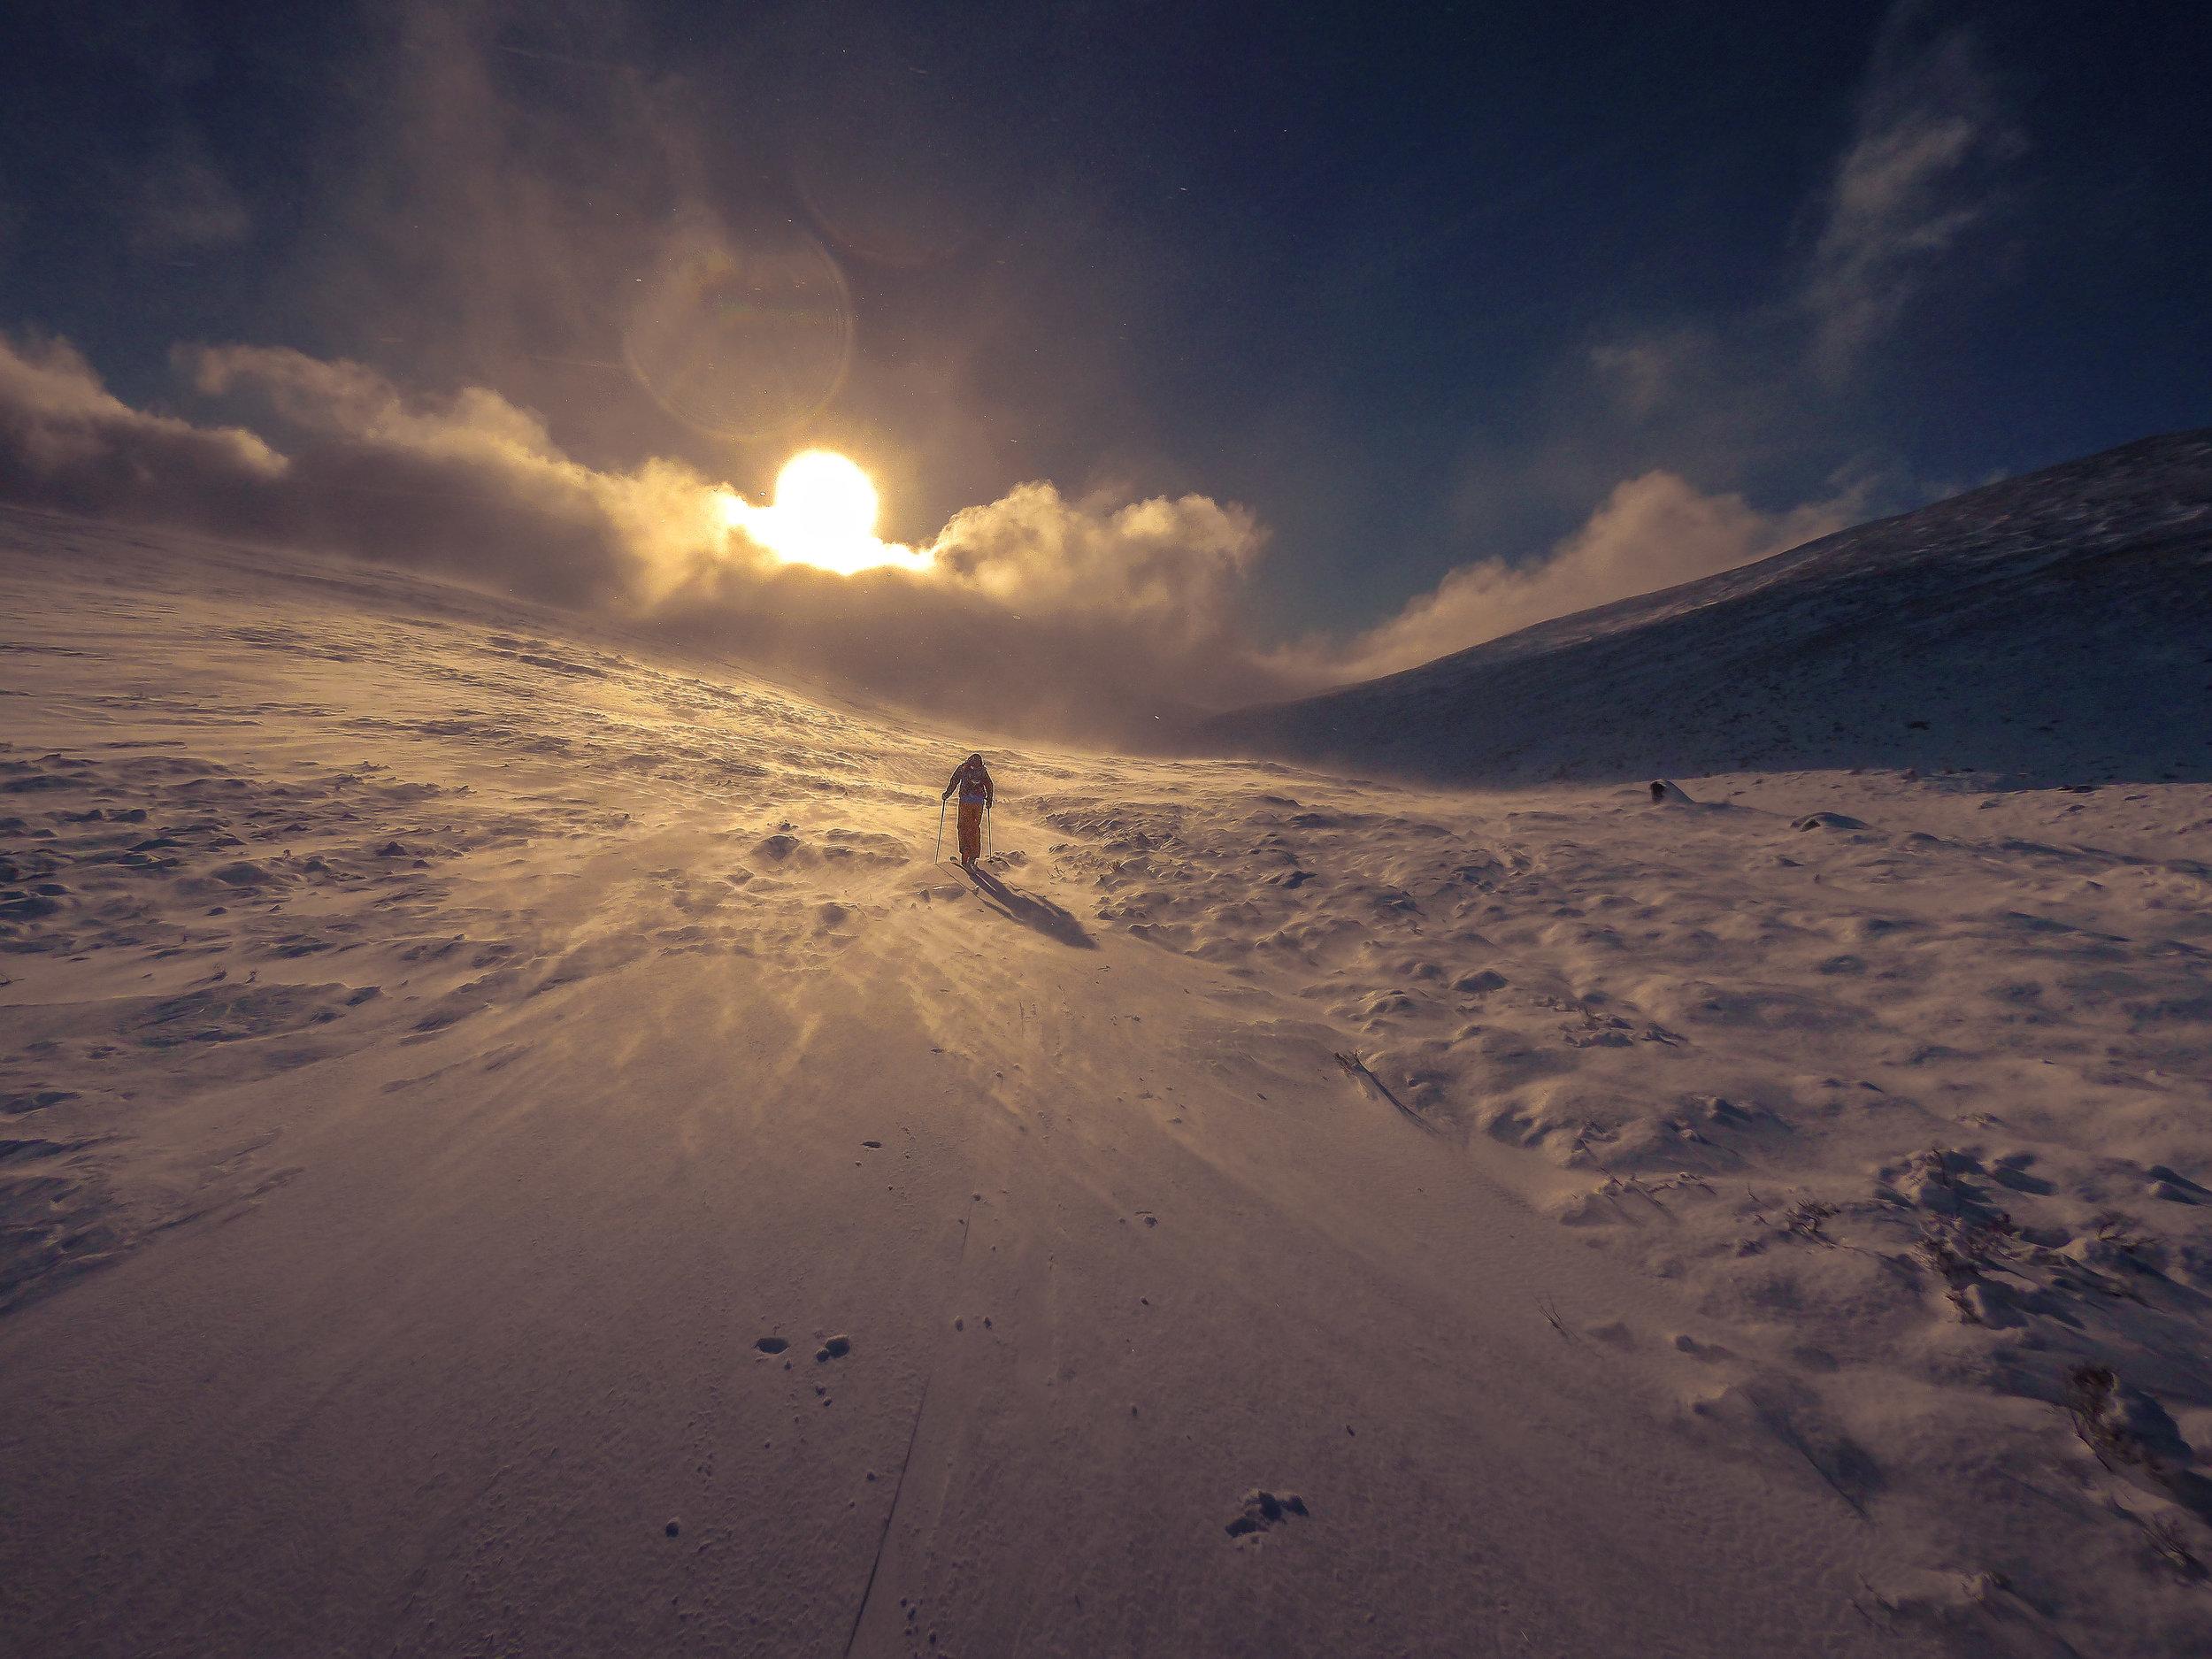 Ski_touring-10.jpg